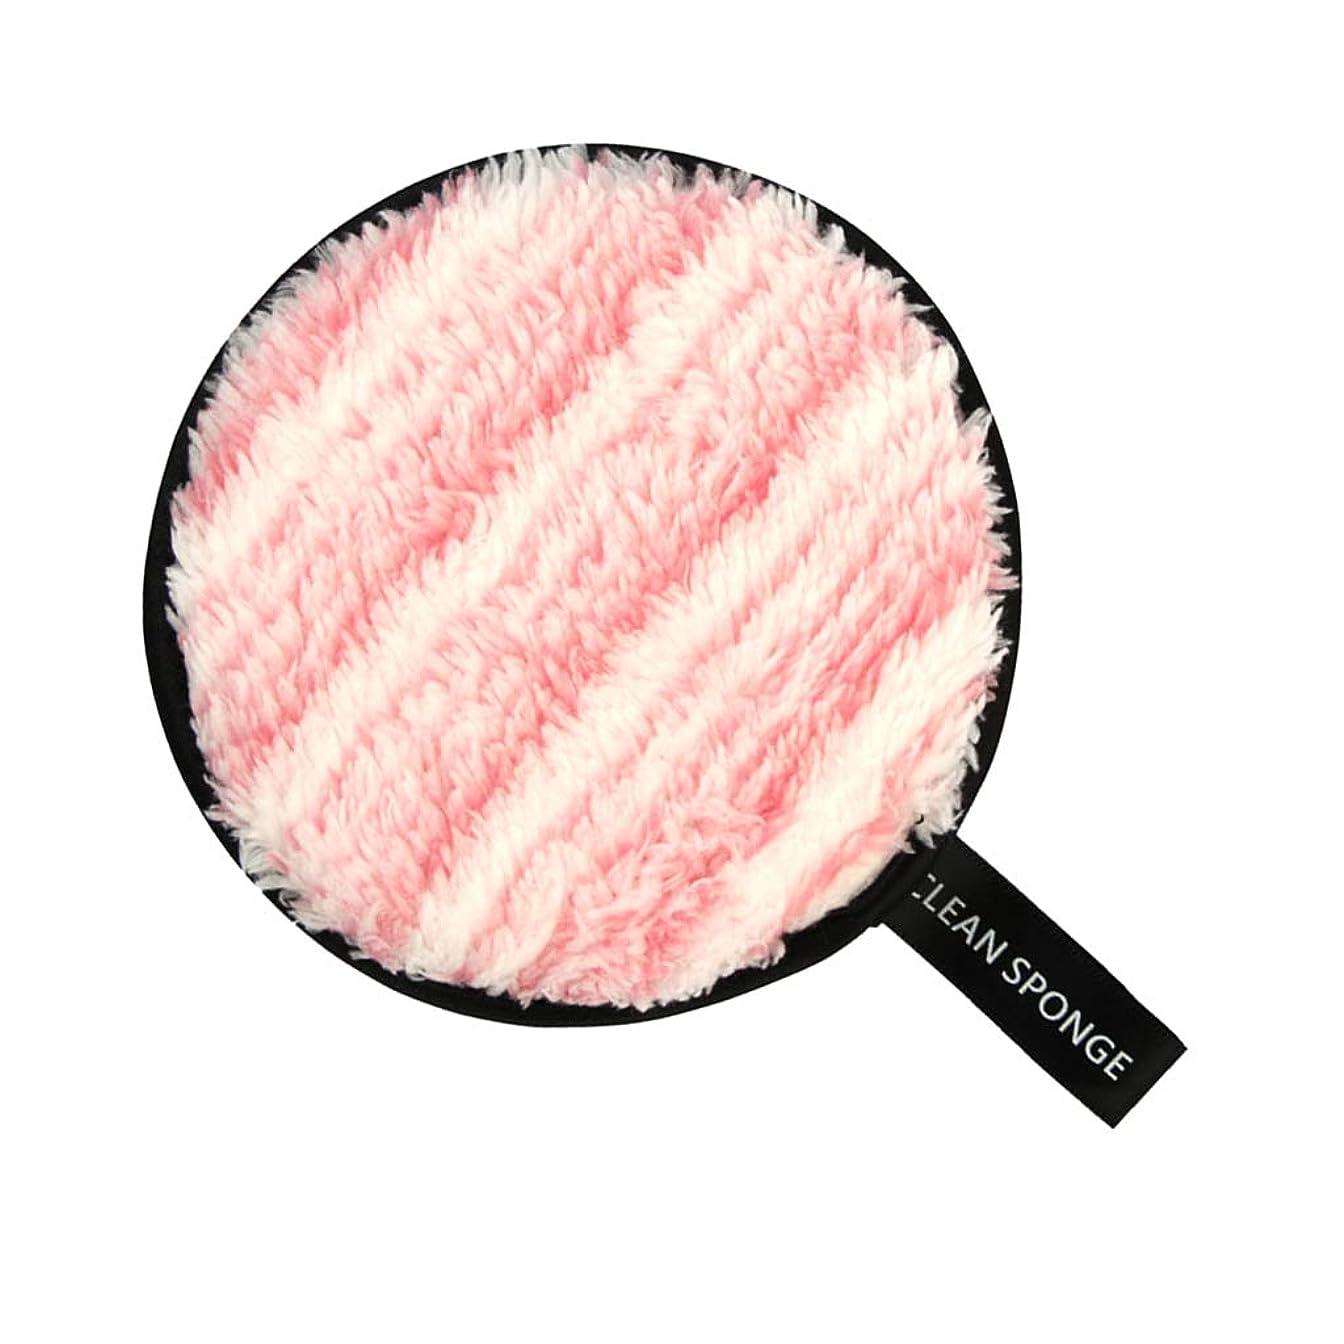 アルミニウム検索エンジン最適化刺しますT TOOYFUL フェイススポンジ メイク落としスポンジ 洗顔パッド 再利用可能 クリーニングパフ 全6色 - ピンク